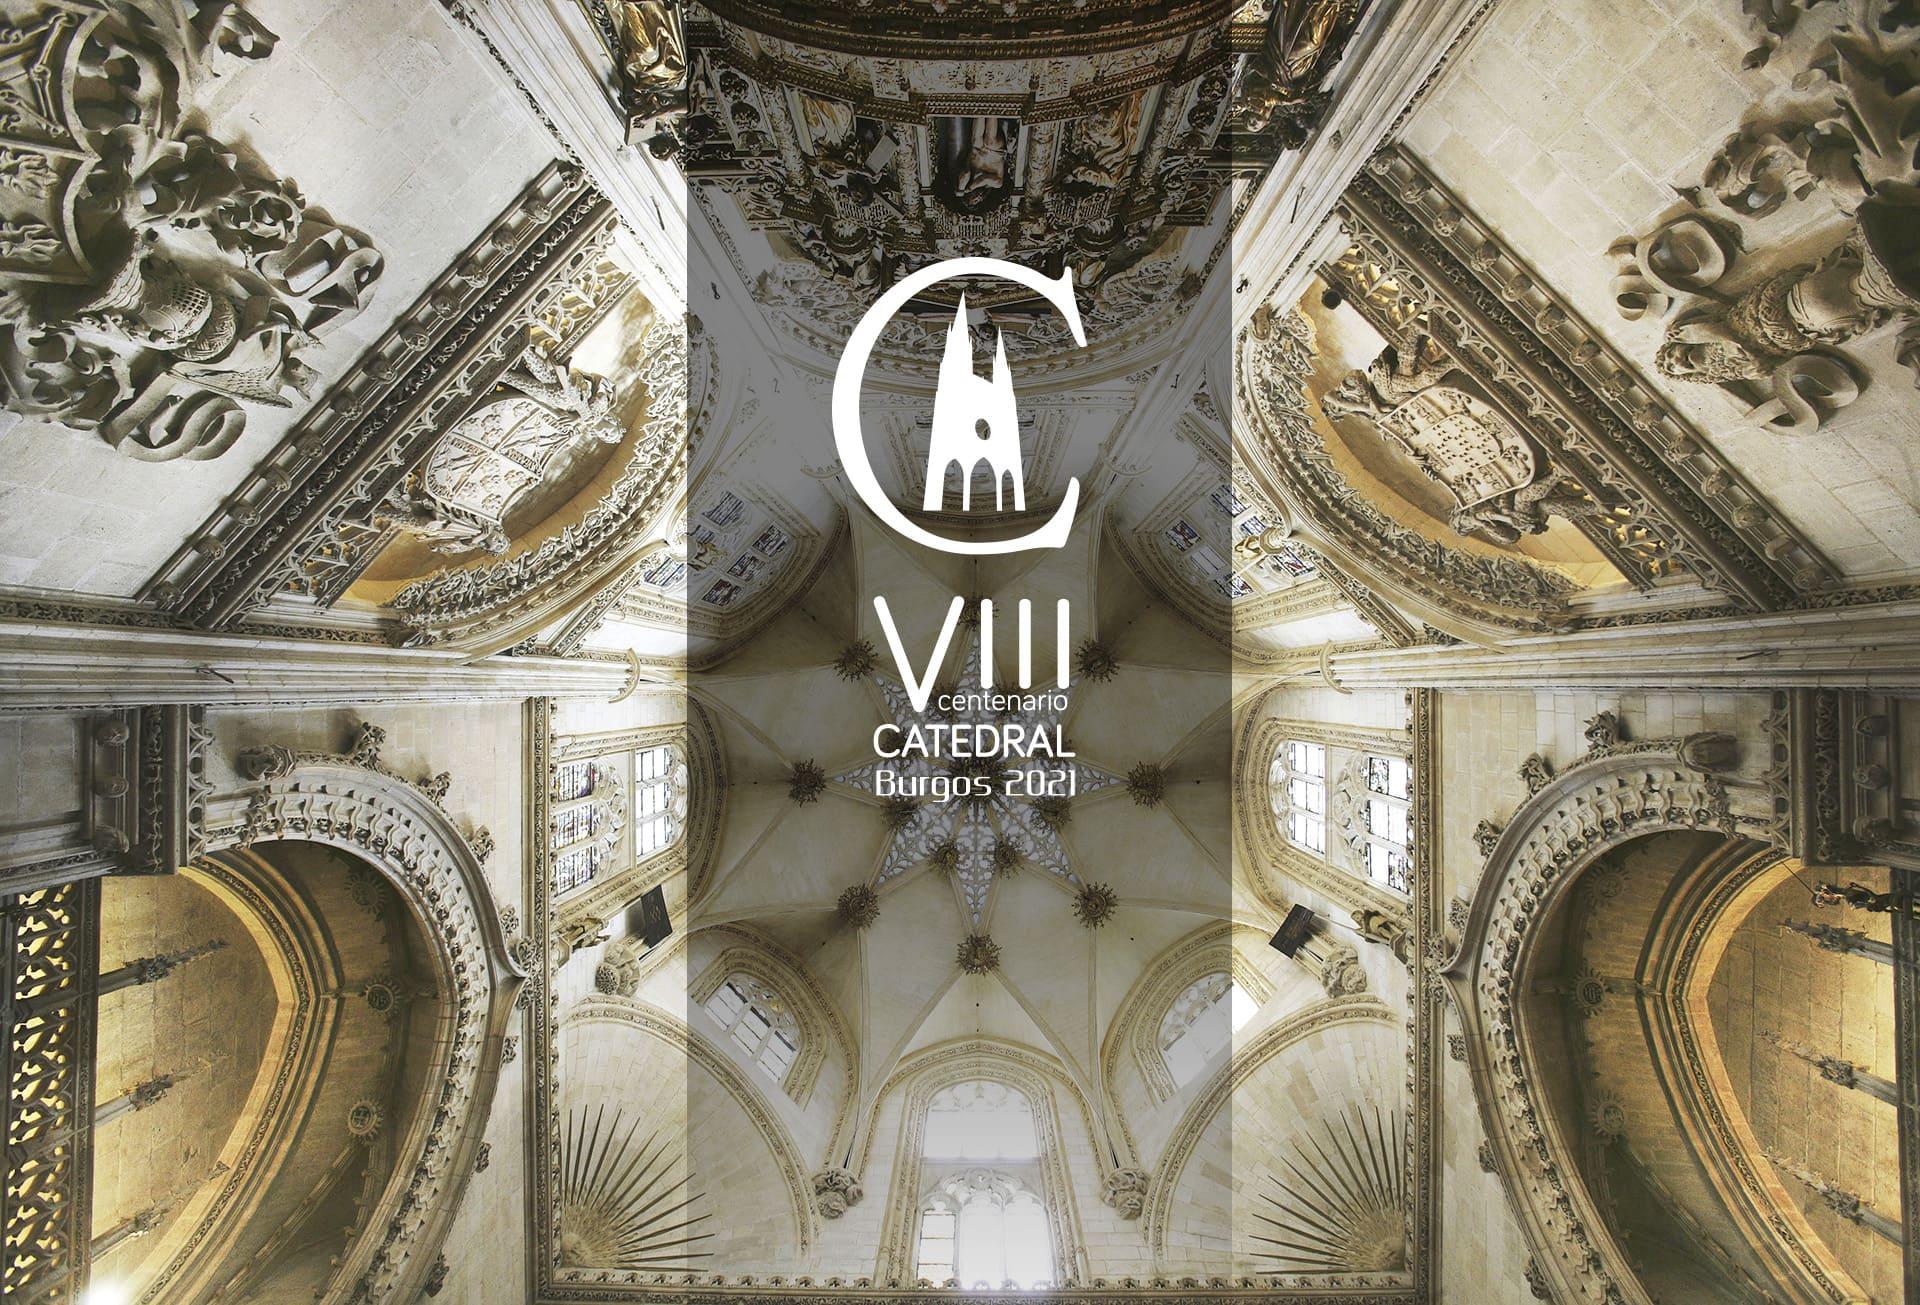 Dudamel, Camarena y Heras-Casado en el VIII aniversario de la Catedral de Burgos